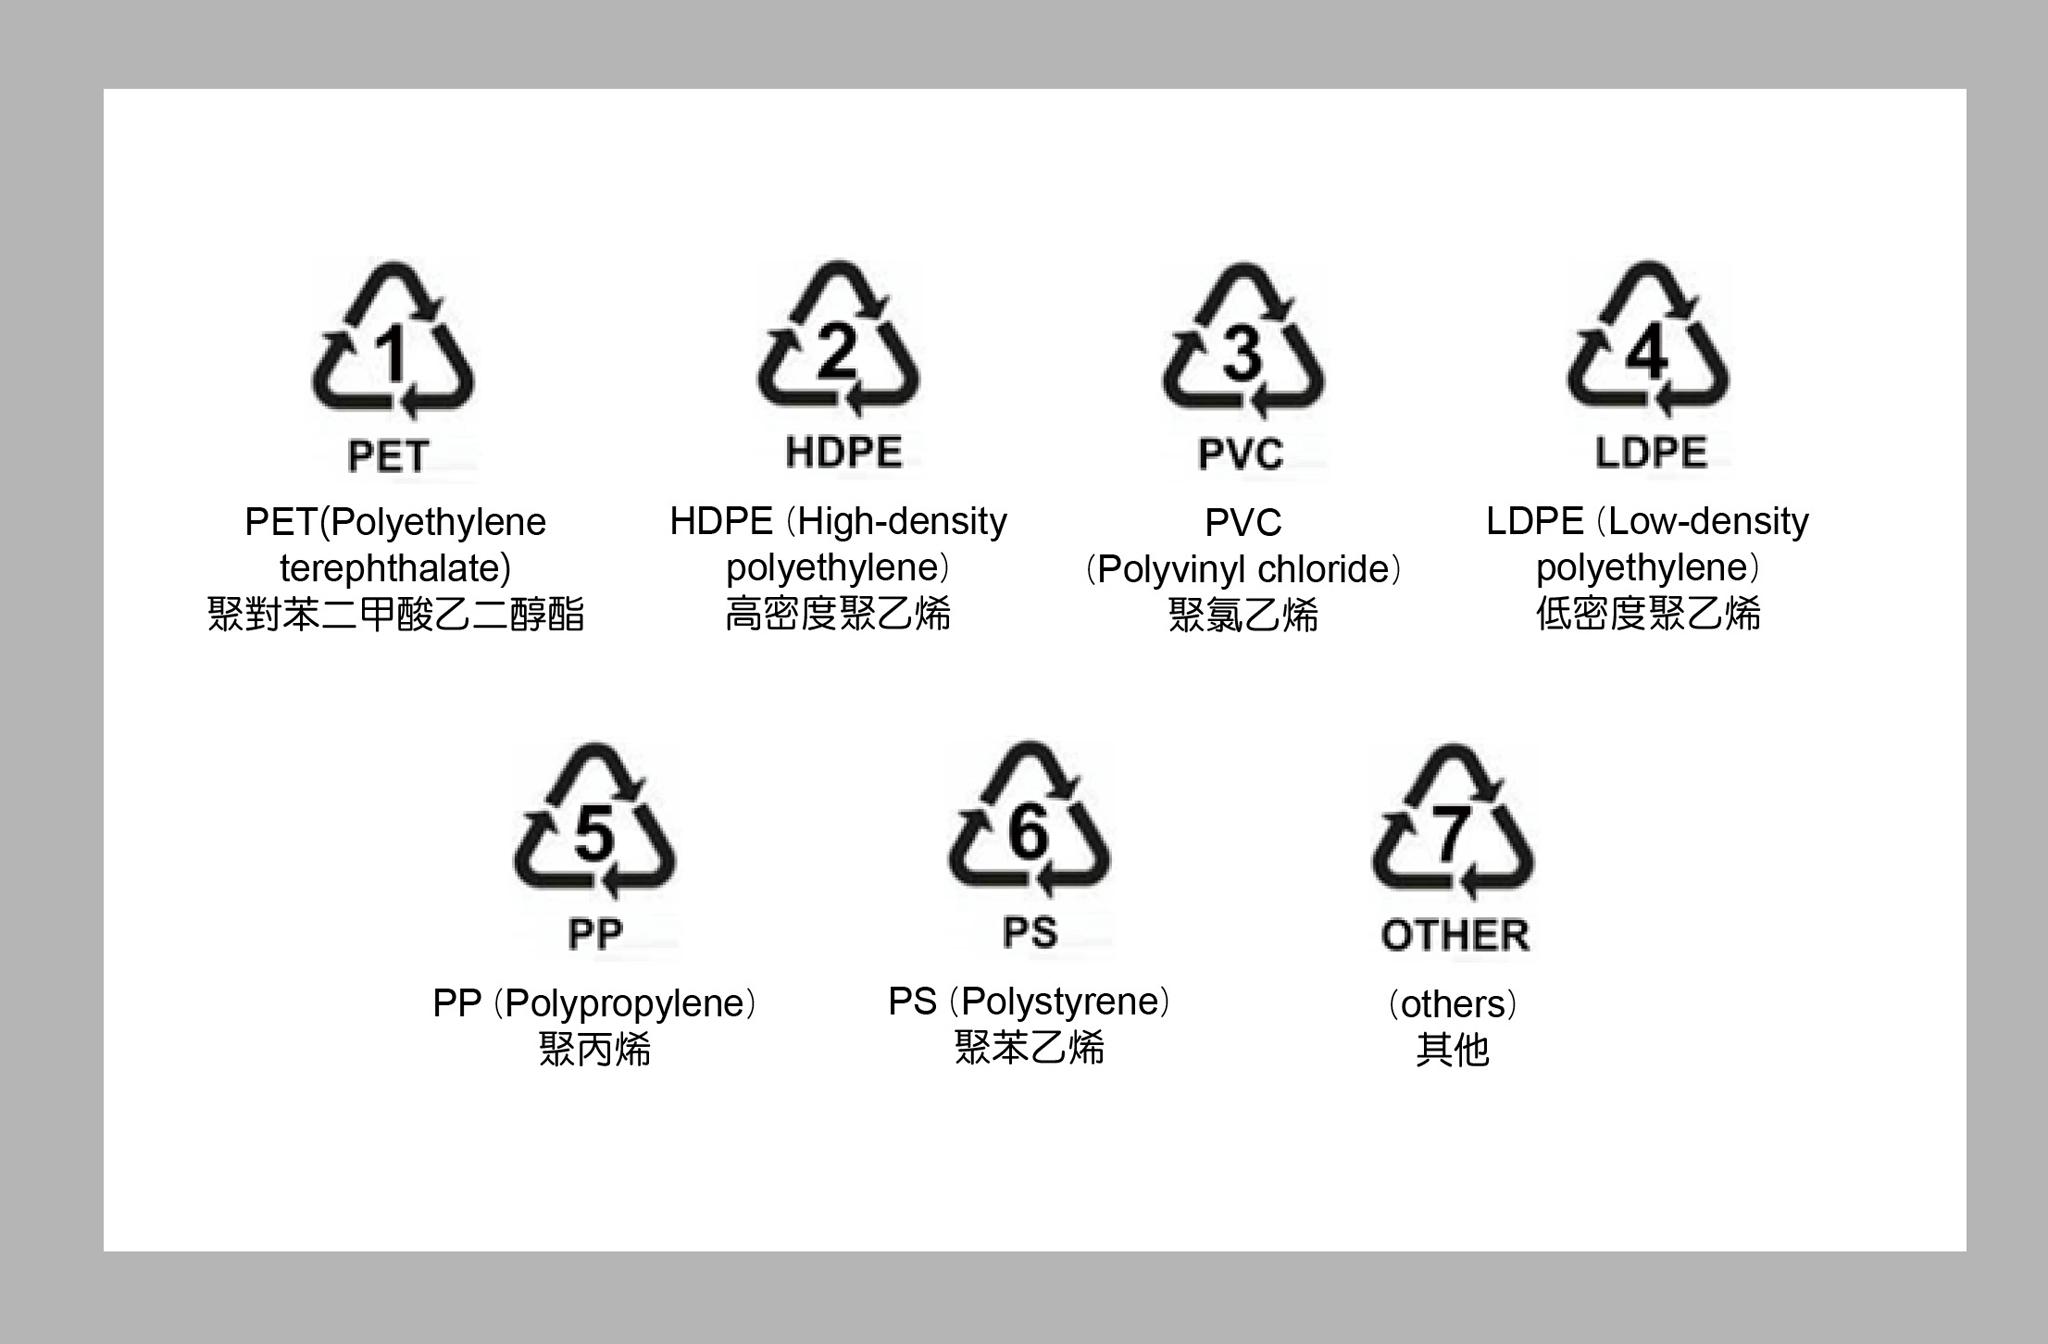 從塑膠食品容器回收標示看材質特性。